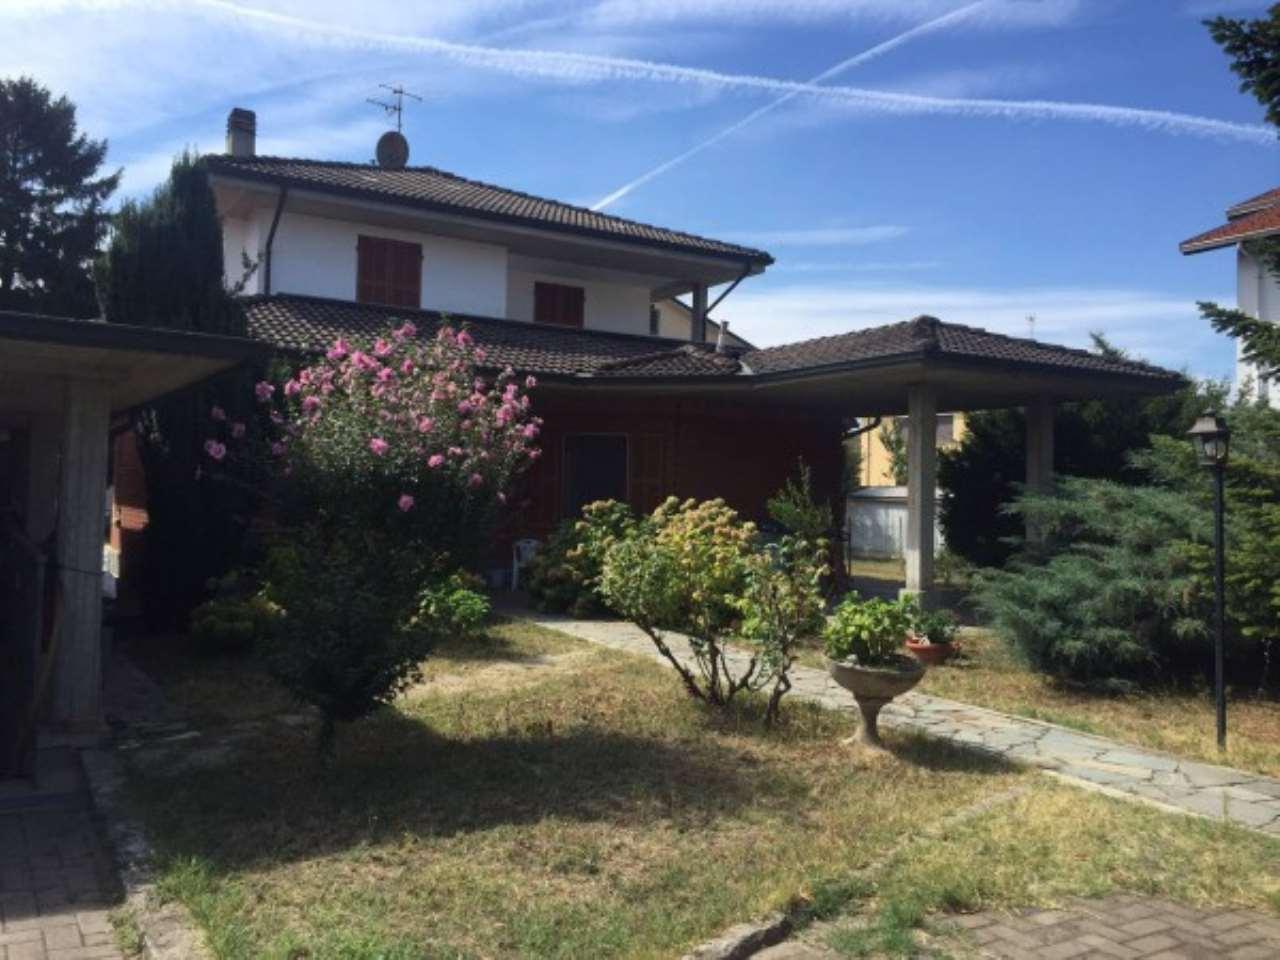 Villa in vendita a Novi Ligure, 6 locali, prezzo € 450.000 | Cambio Casa.it